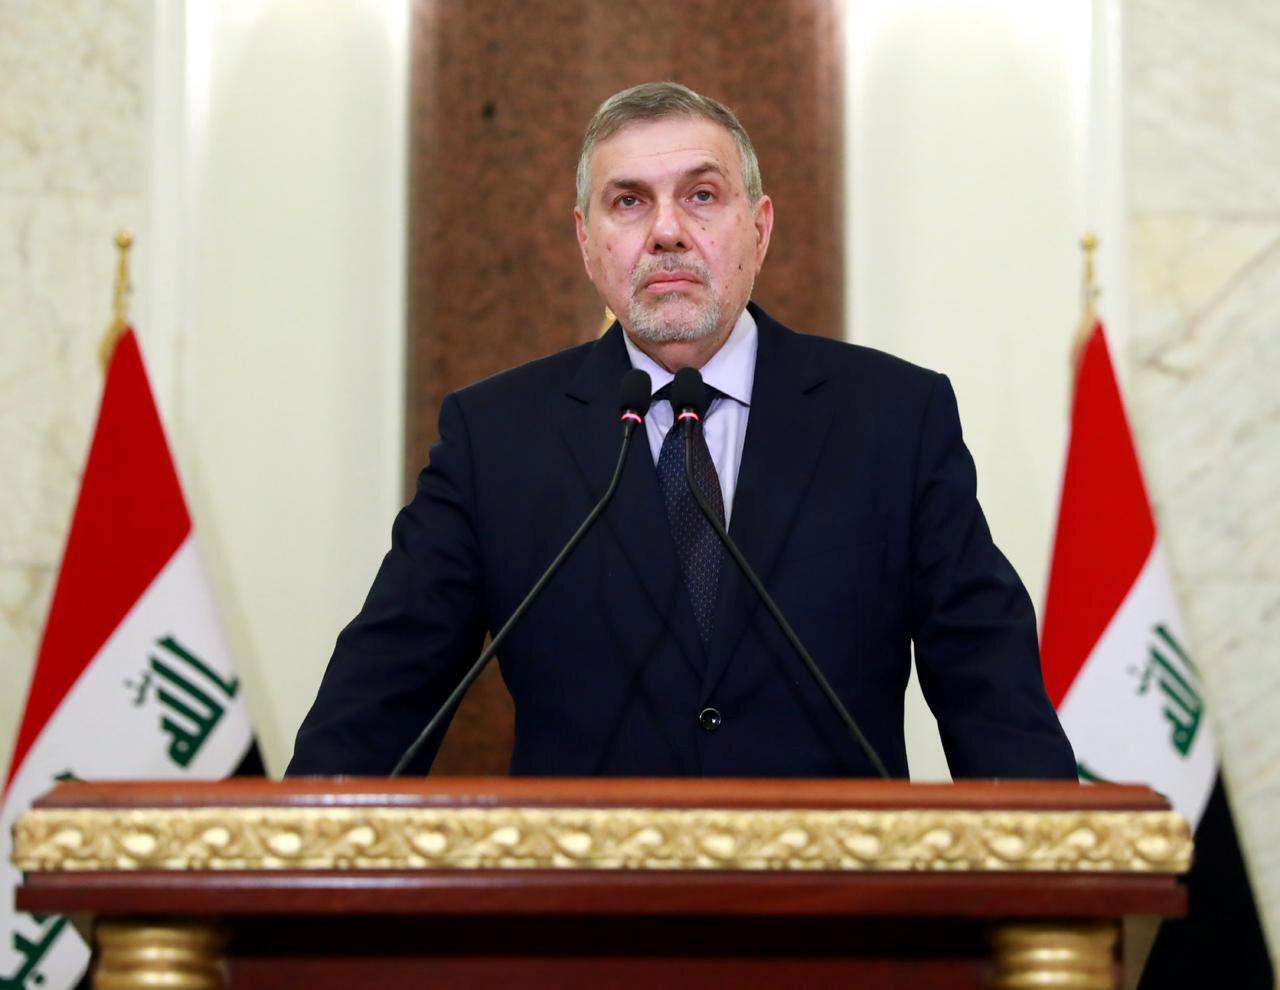 Novo primeiro Ministro Mohammed Tawfiq Allawi, contestado por manifestantes em Bagadade